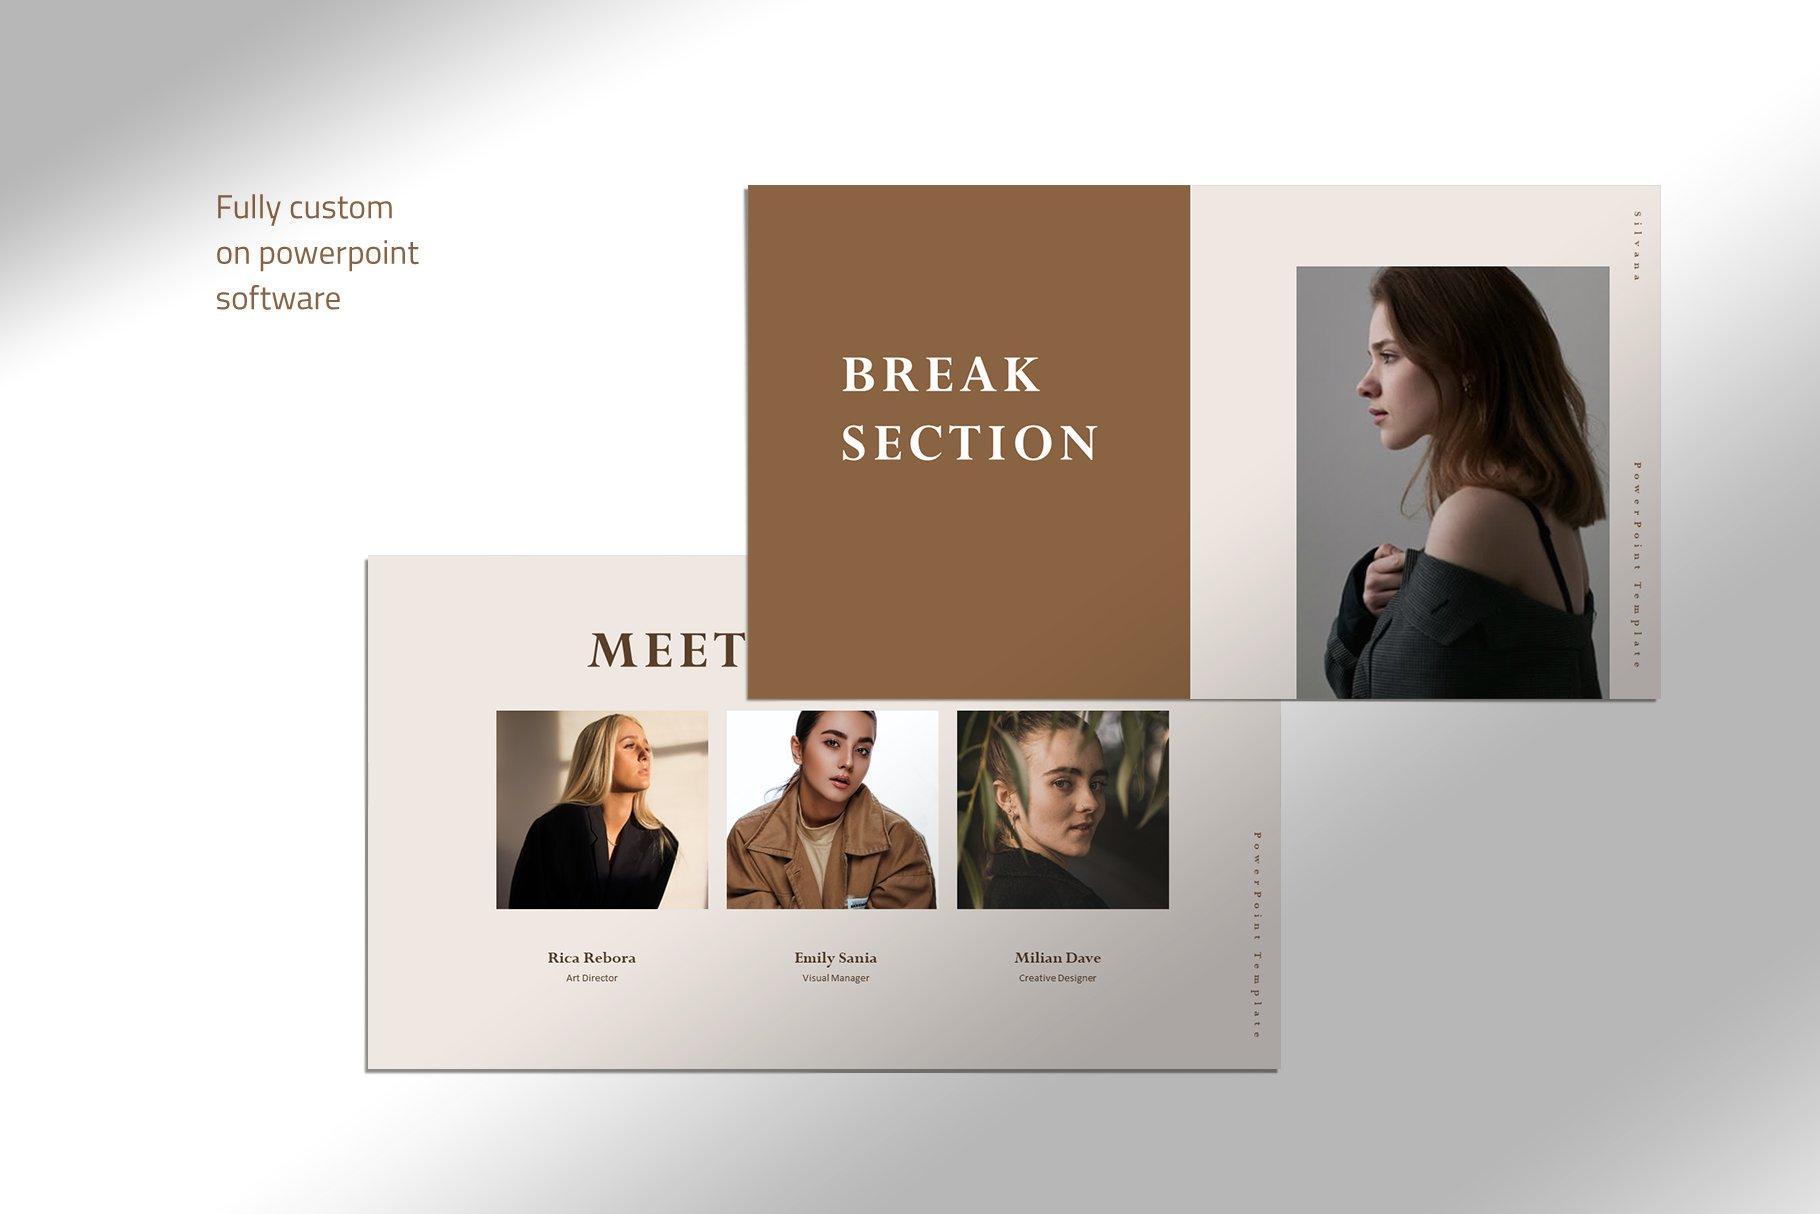 极简女性服装摄影作品集图文排版PPT幻灯片设计模板 Silvana – Presentation Template插图(1)